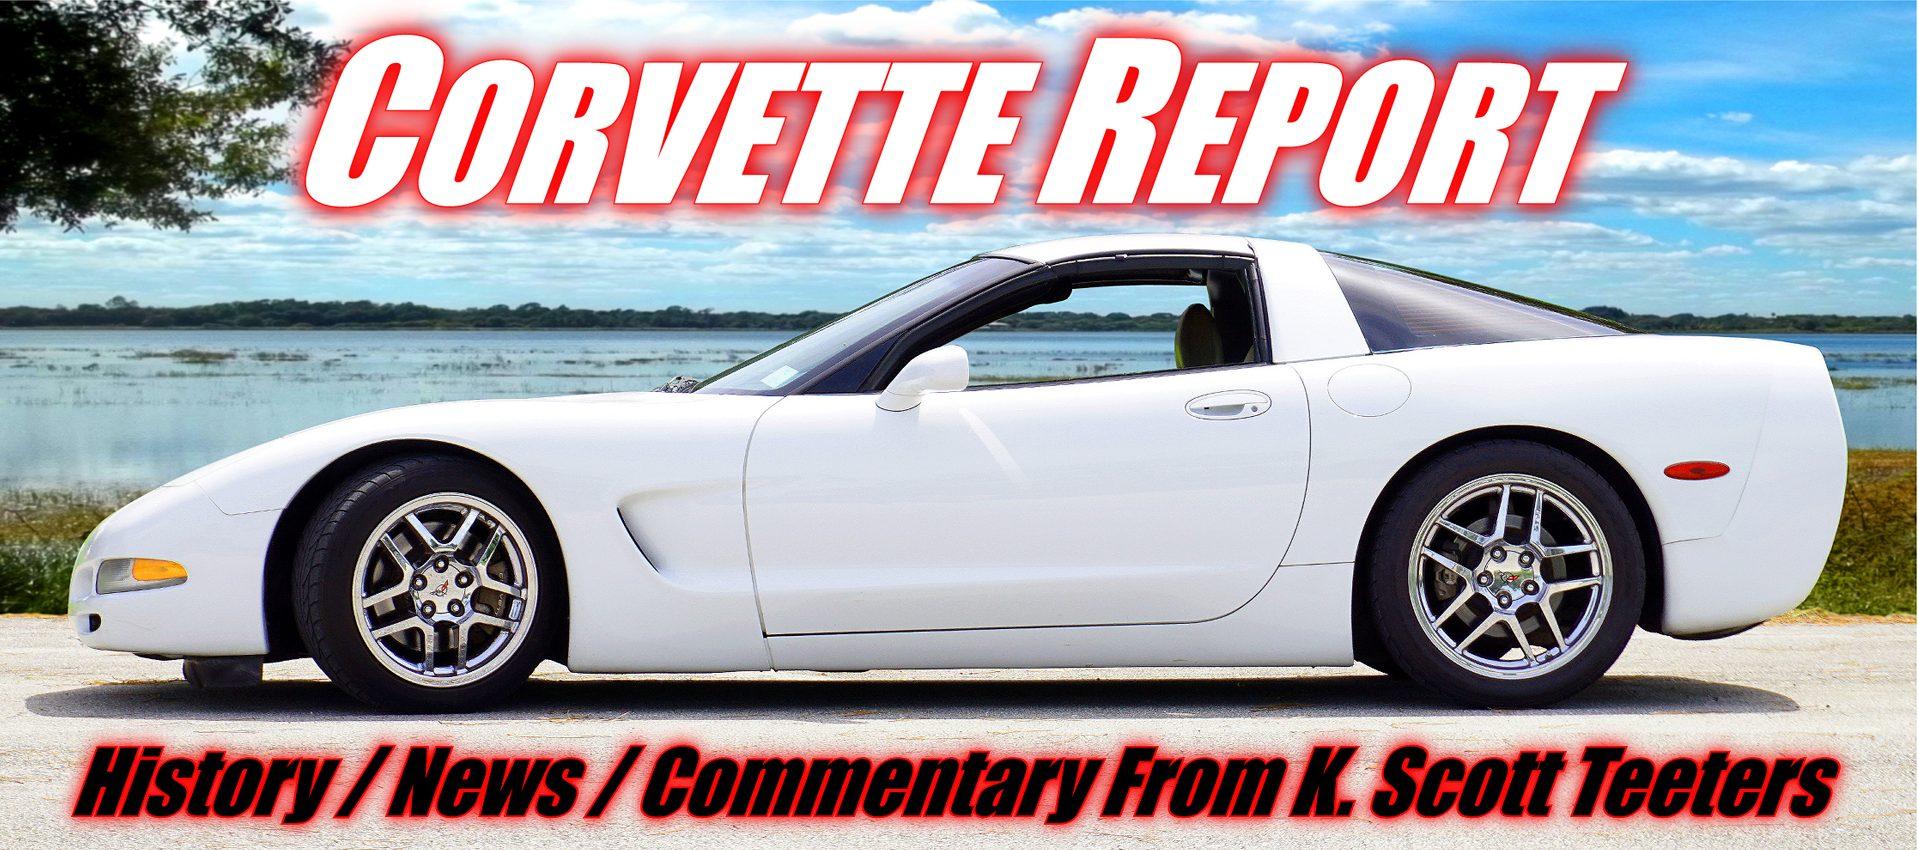 Corvette Report